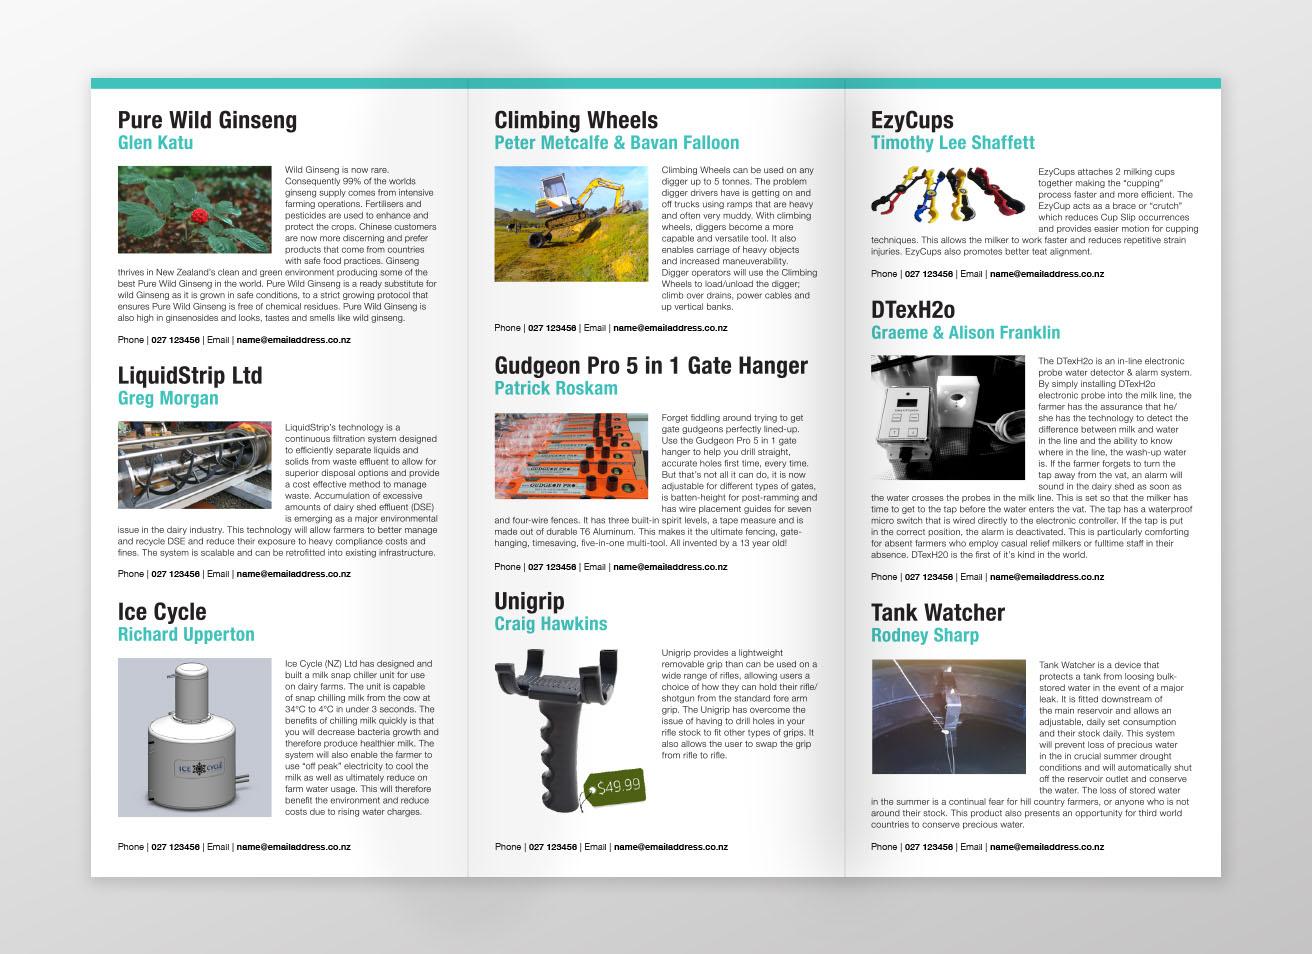 inkdrop_fieldays_innovation_den_brochure3.jpg